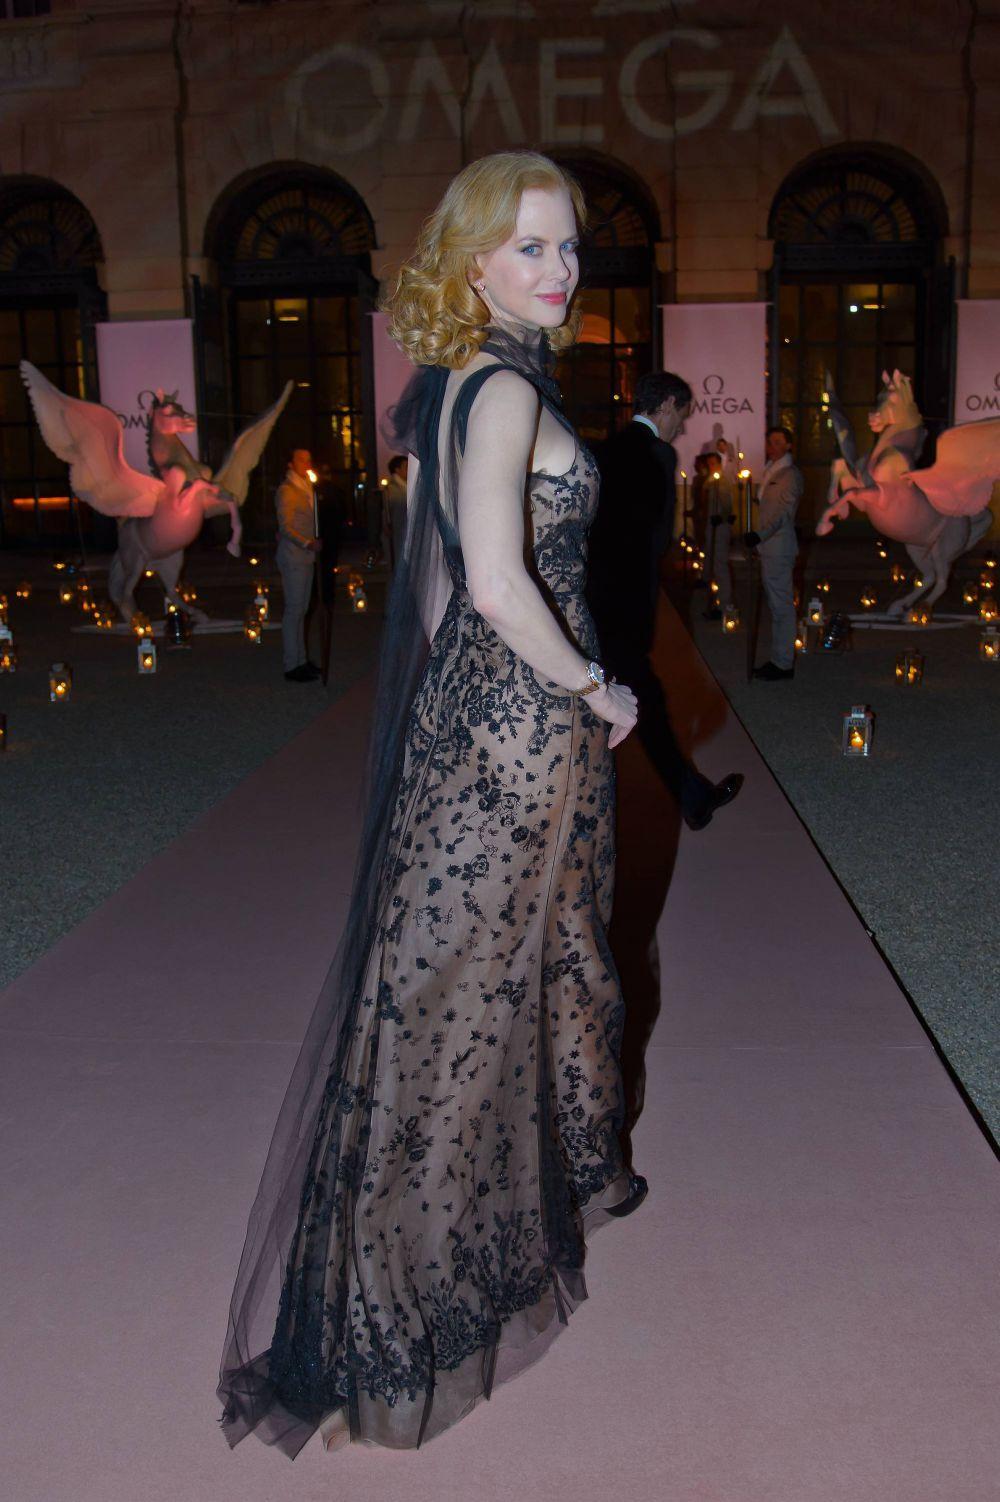 Николь Кидман на рекламном мероприятии в платье от де ла Ренты, 2013 год.